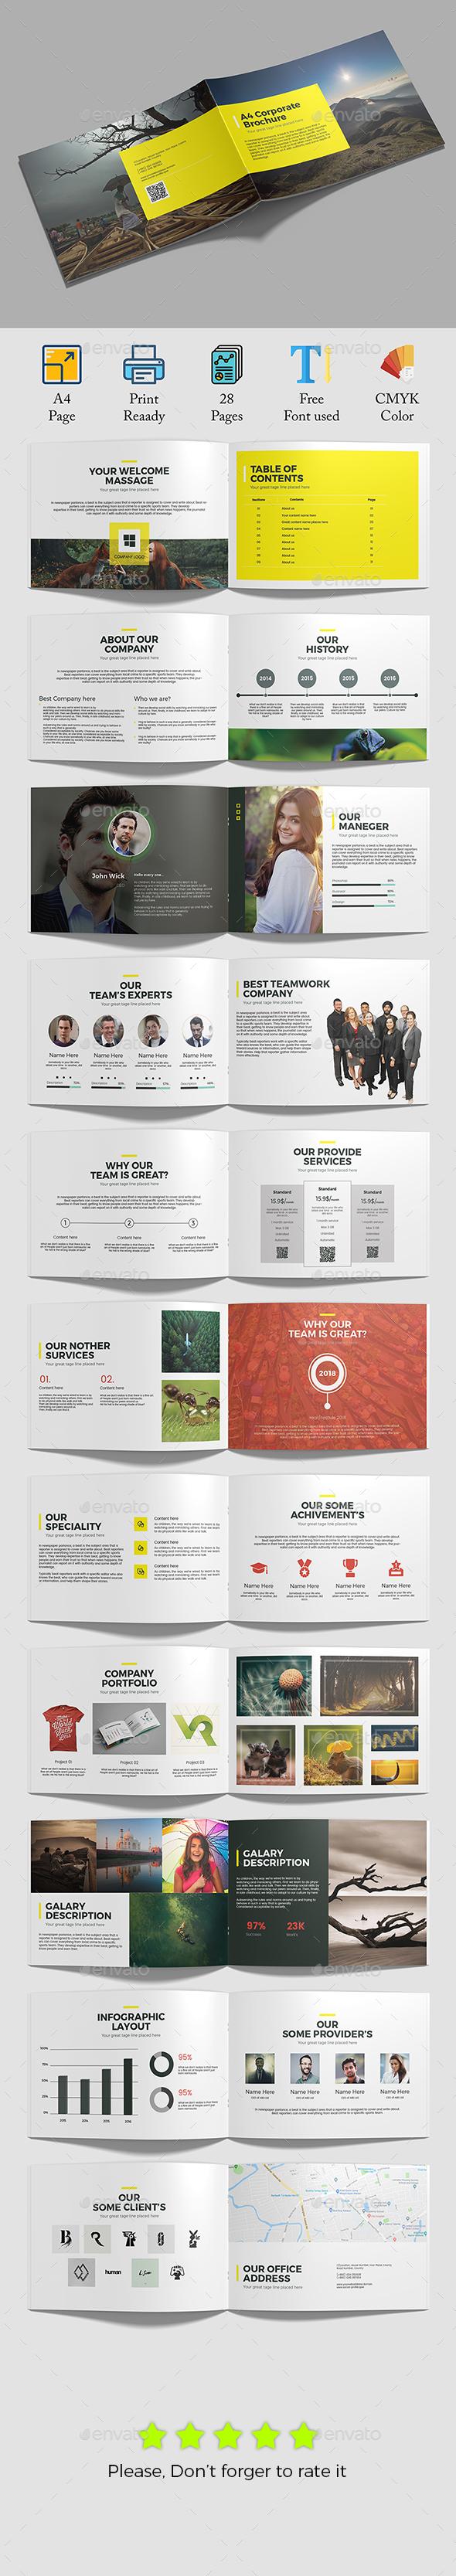 GraphicRiver A4 Corporate Brochure 21175003